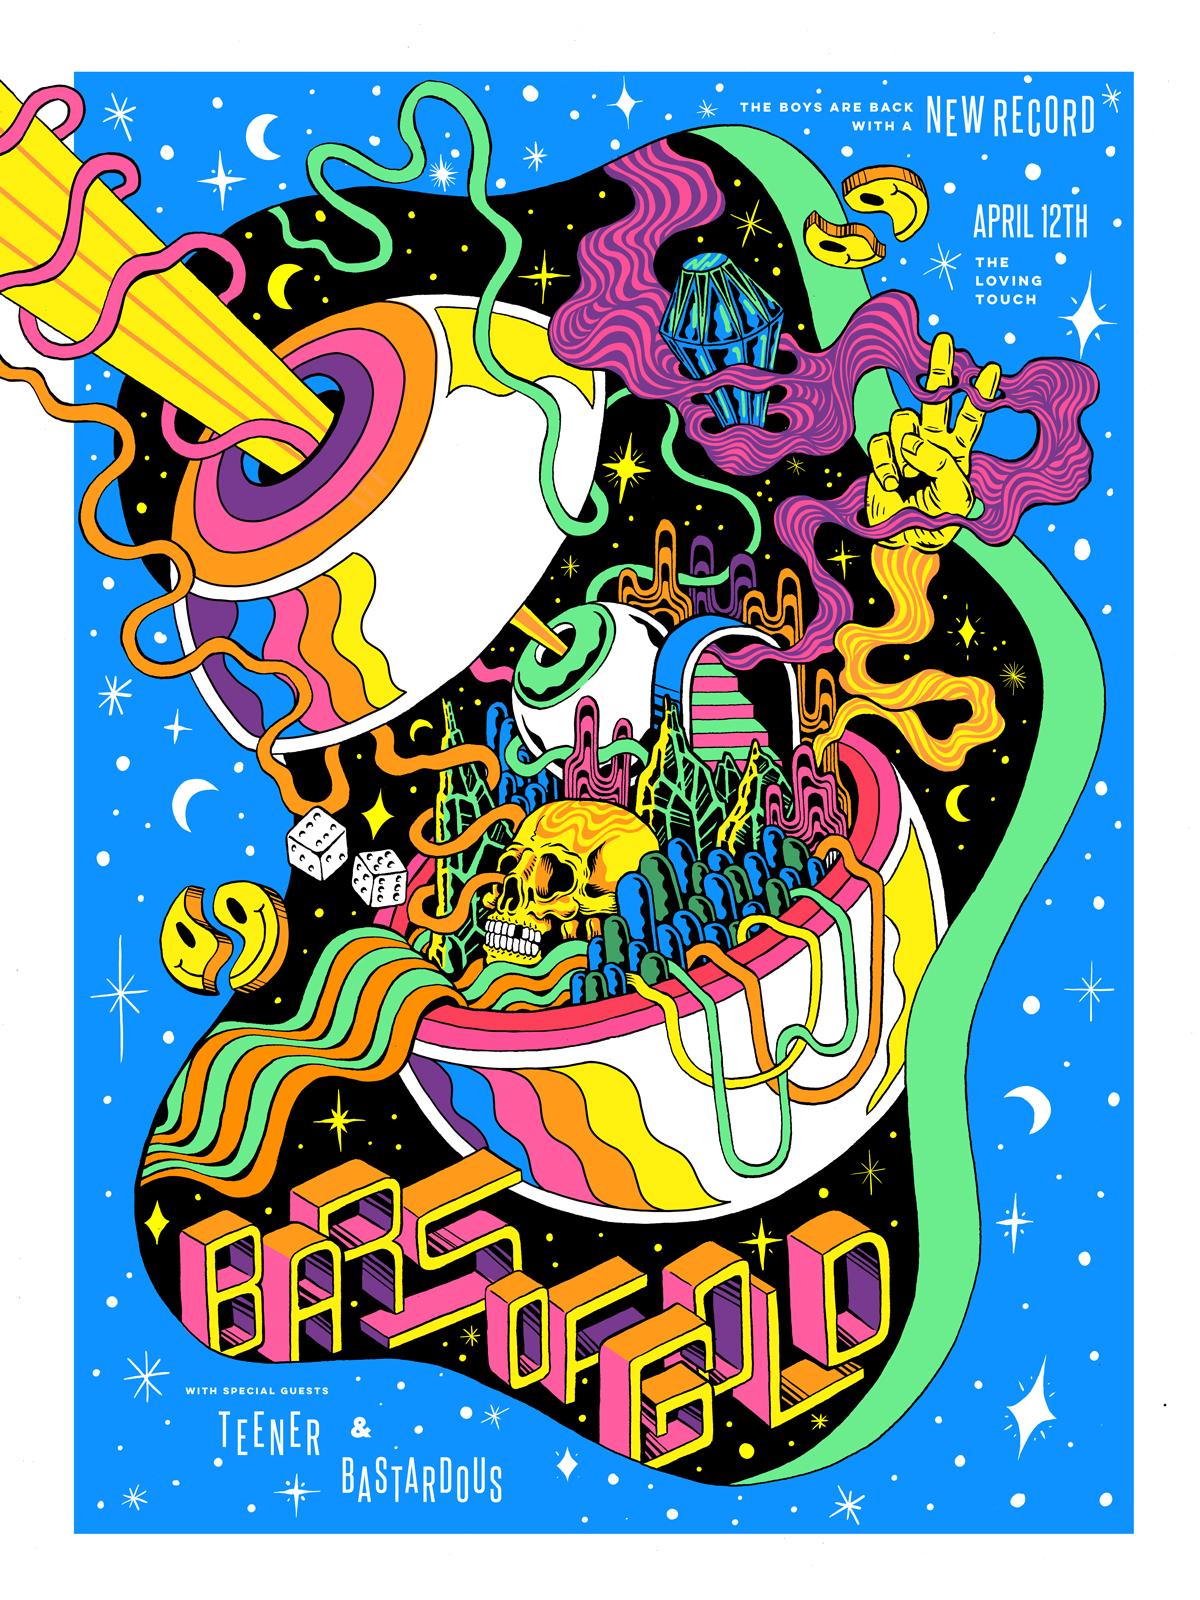 bog_RecordRelease_Poster.jpg